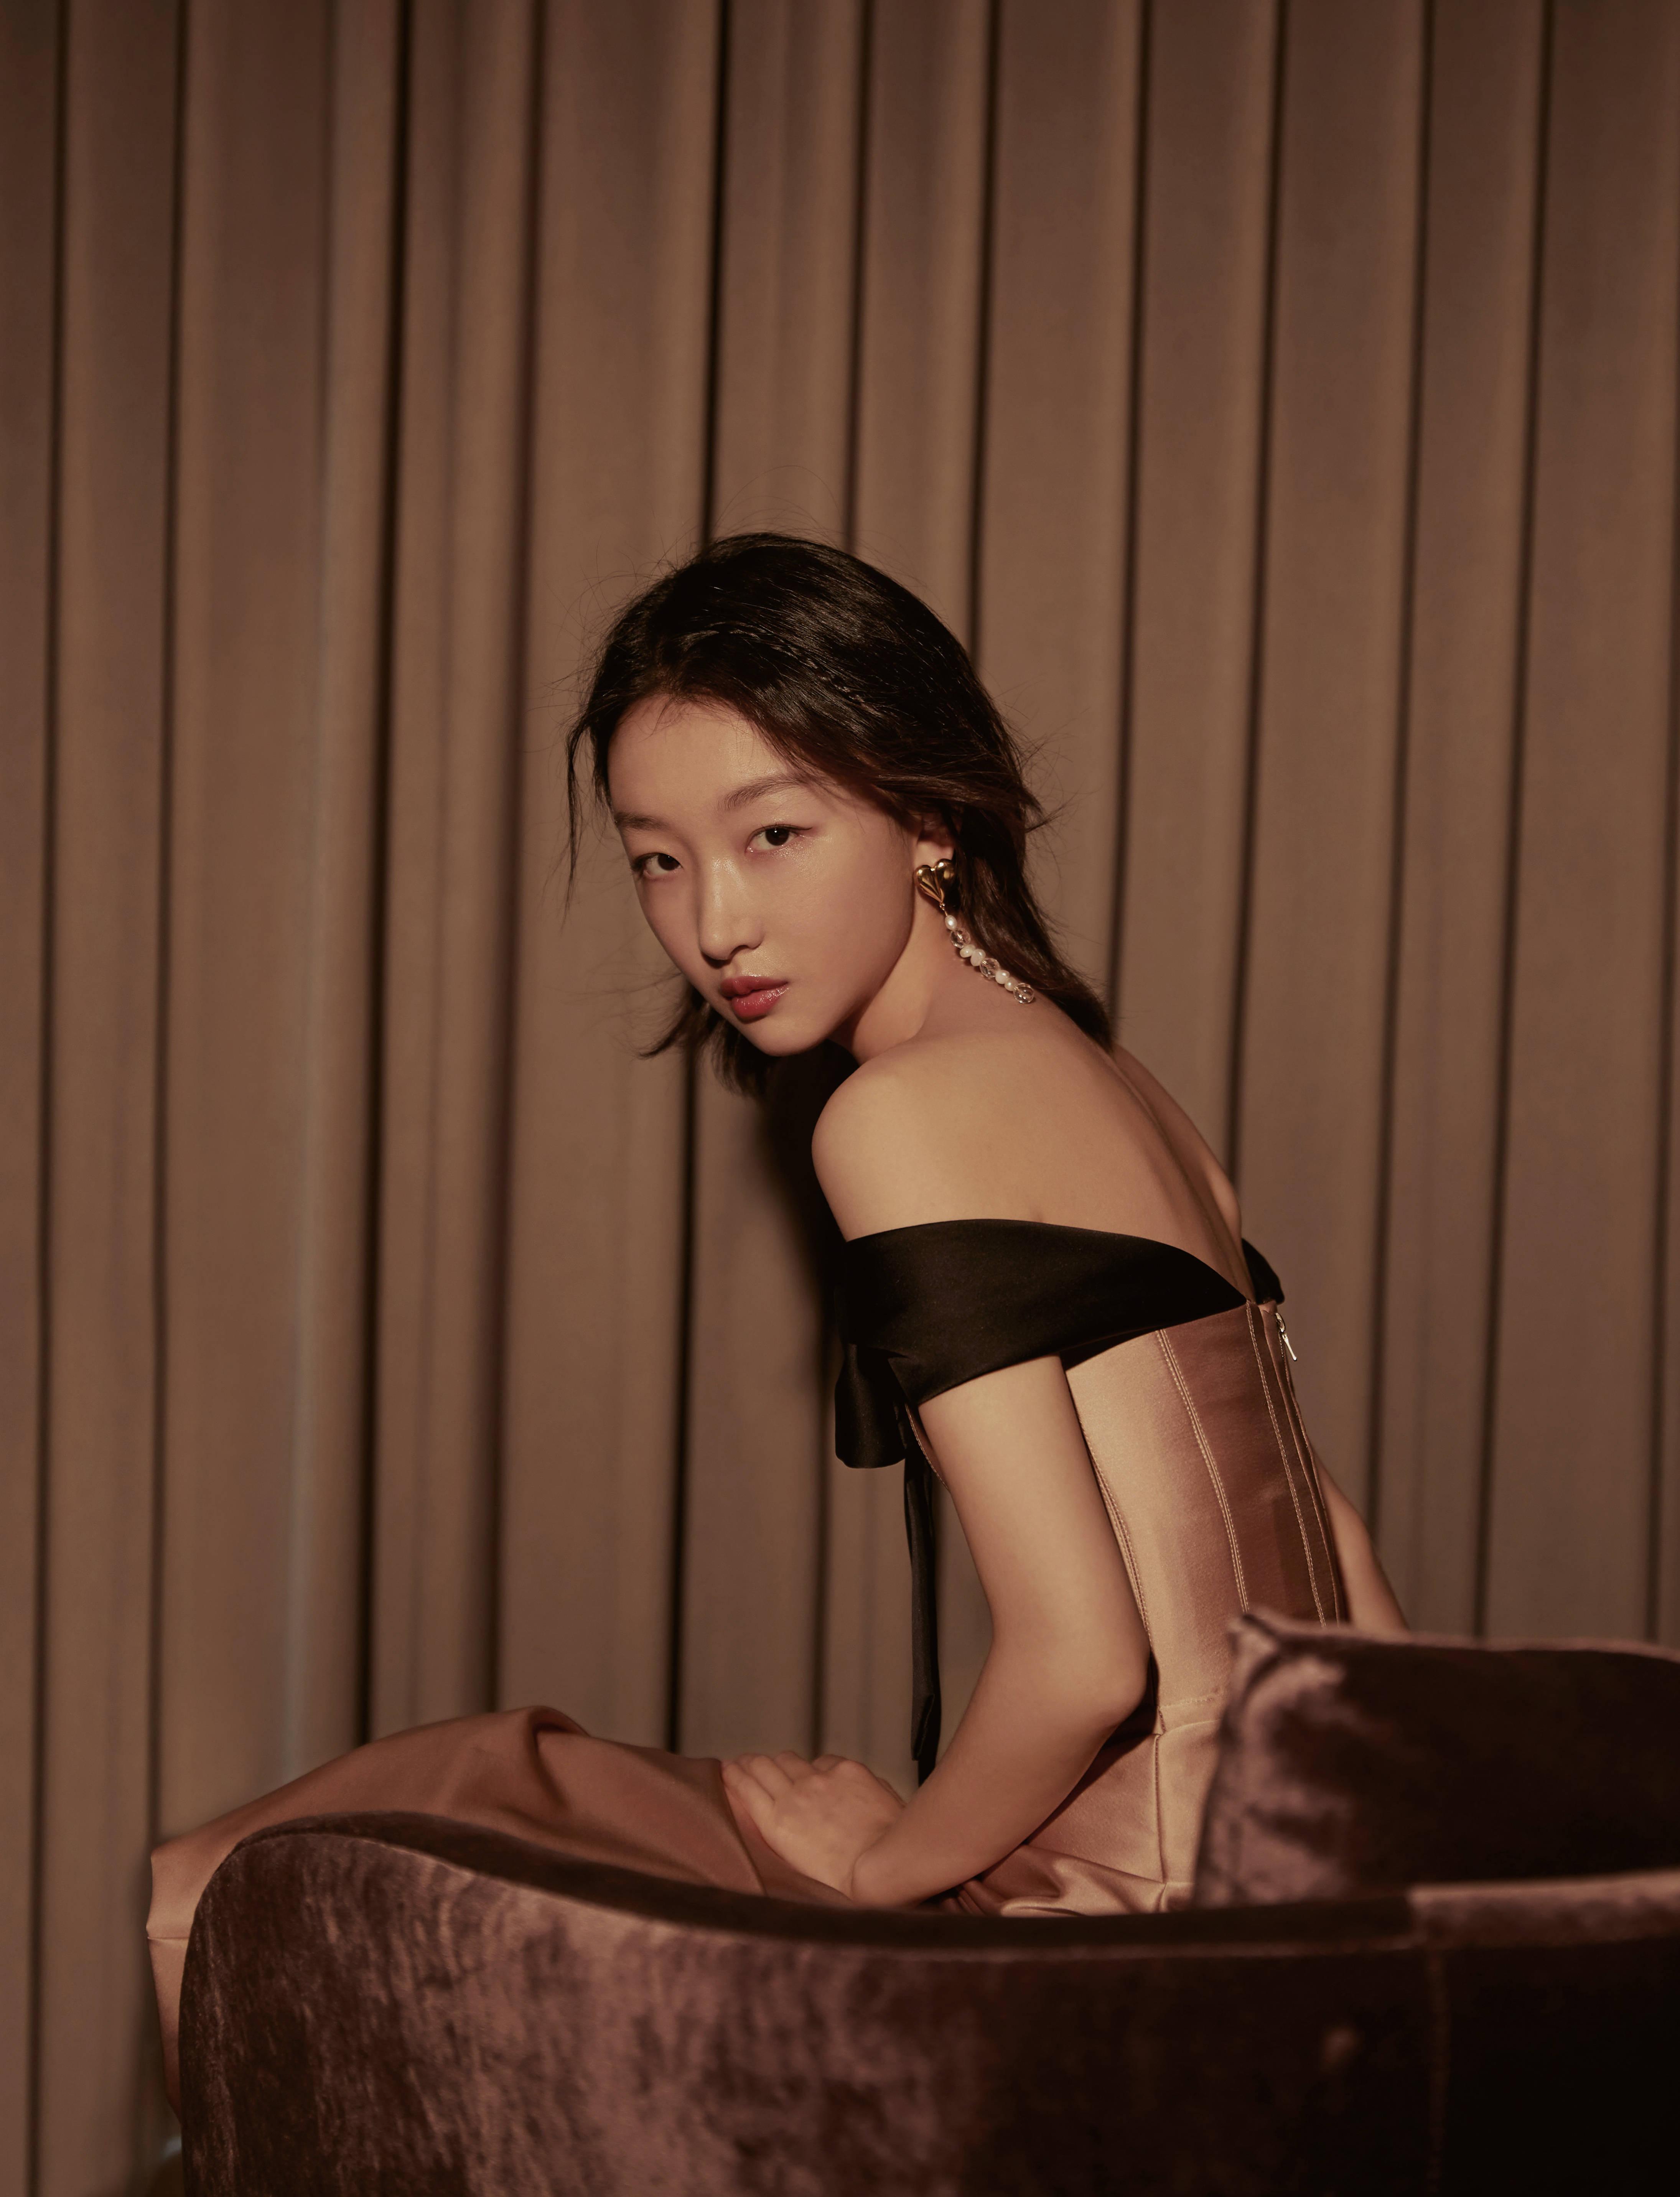 周冬雨复古蝴蝶结礼裙秀天鹅颈,香槟味少女,释放高贵优雅的魅力